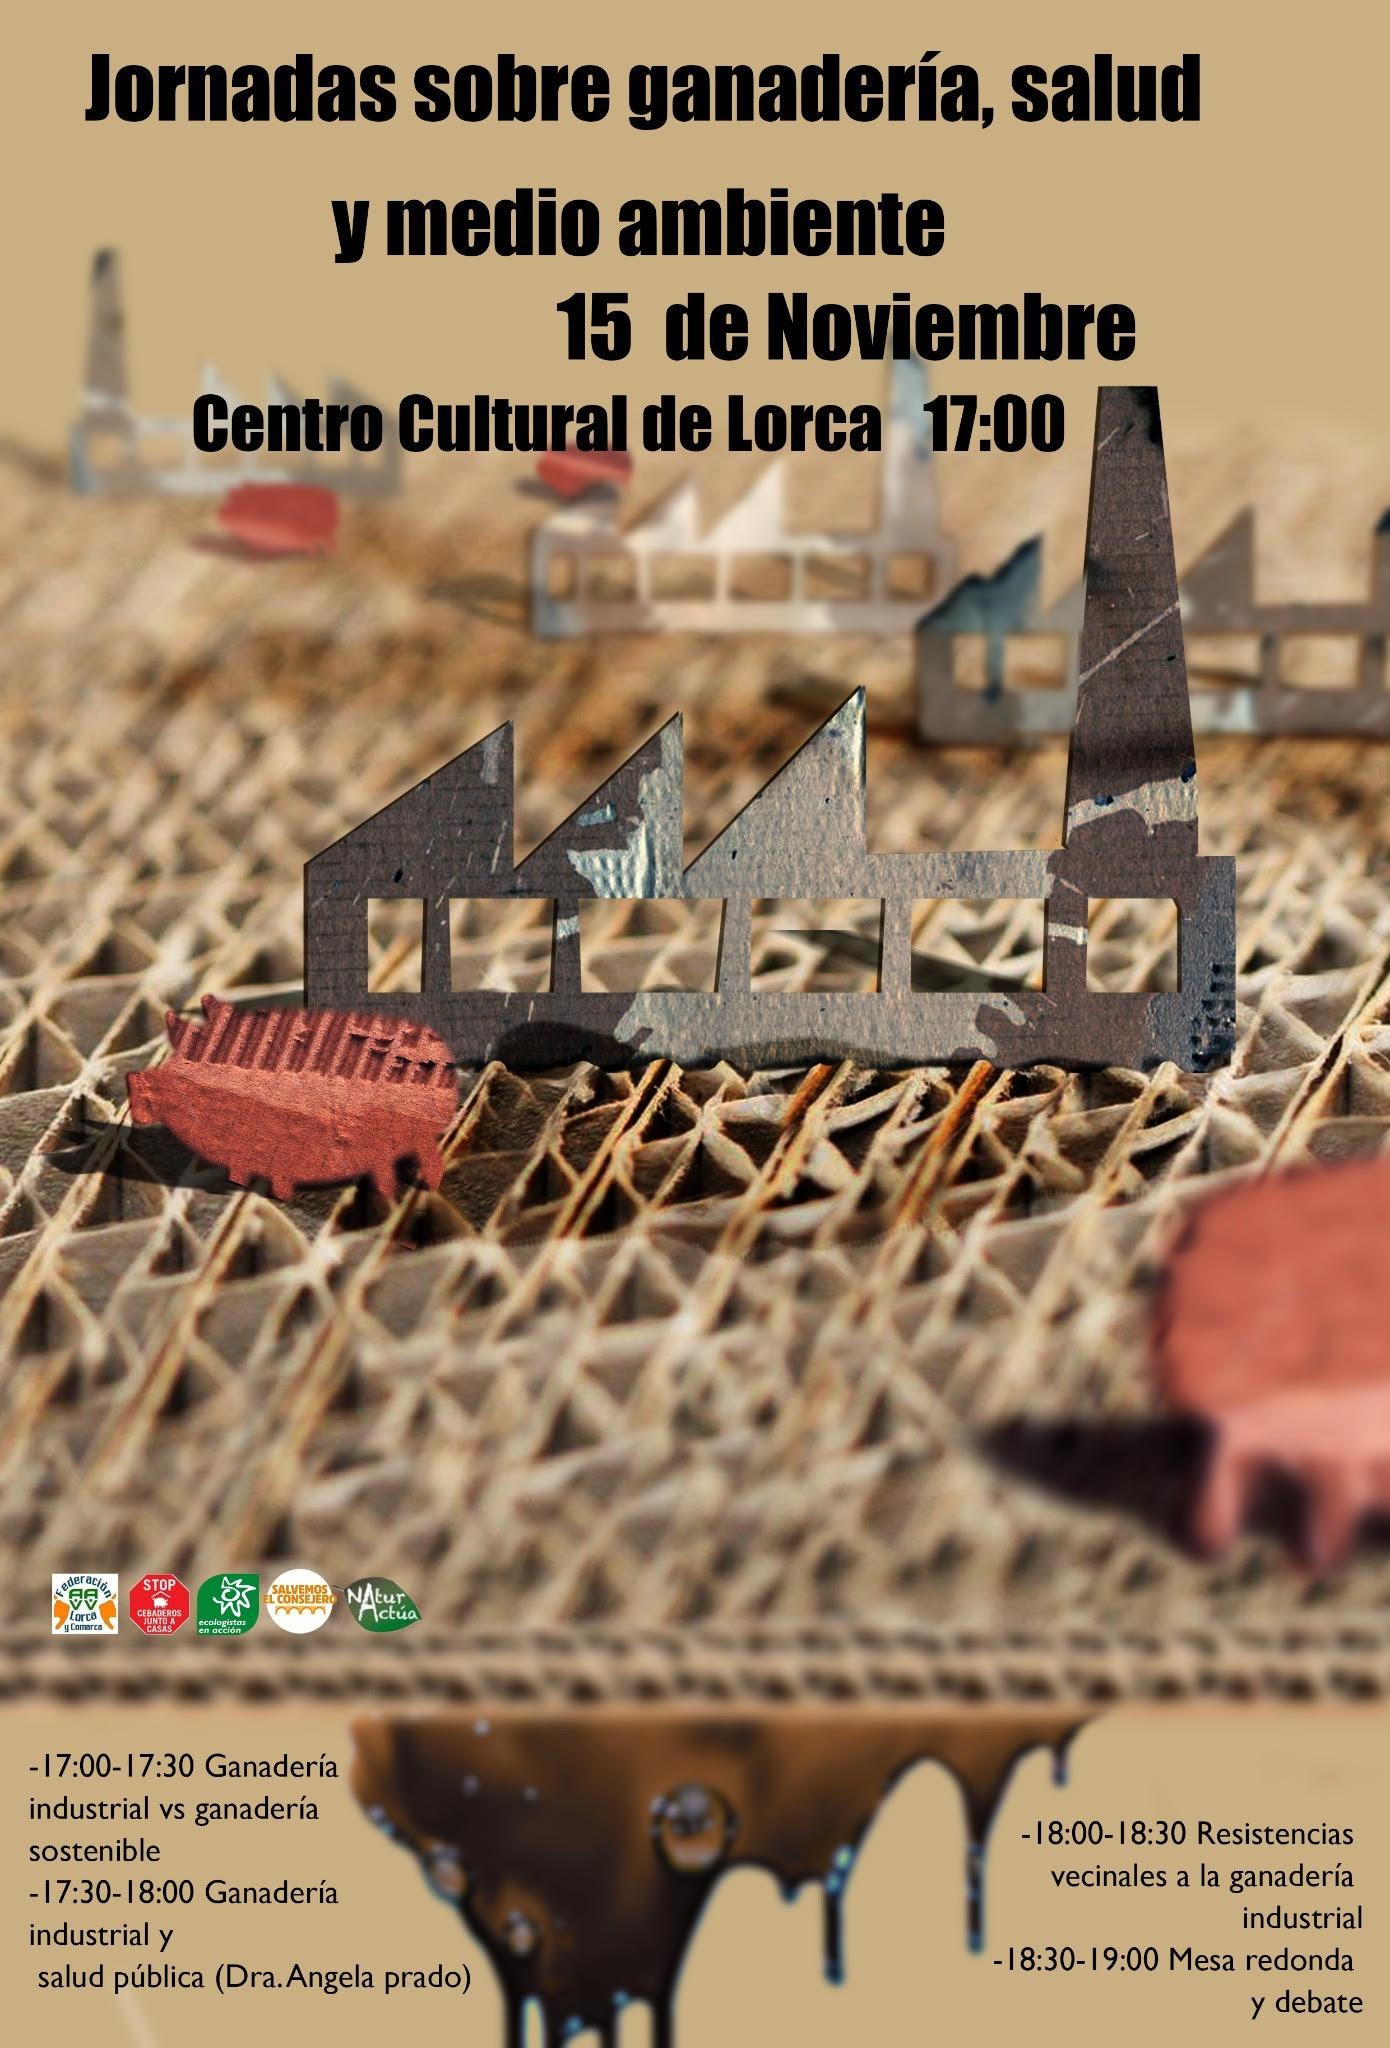 Jornada sobre ganadería, salud y medio ambiente, con la Federación de Asociaciones de Vecinos de Lorca y Comarca